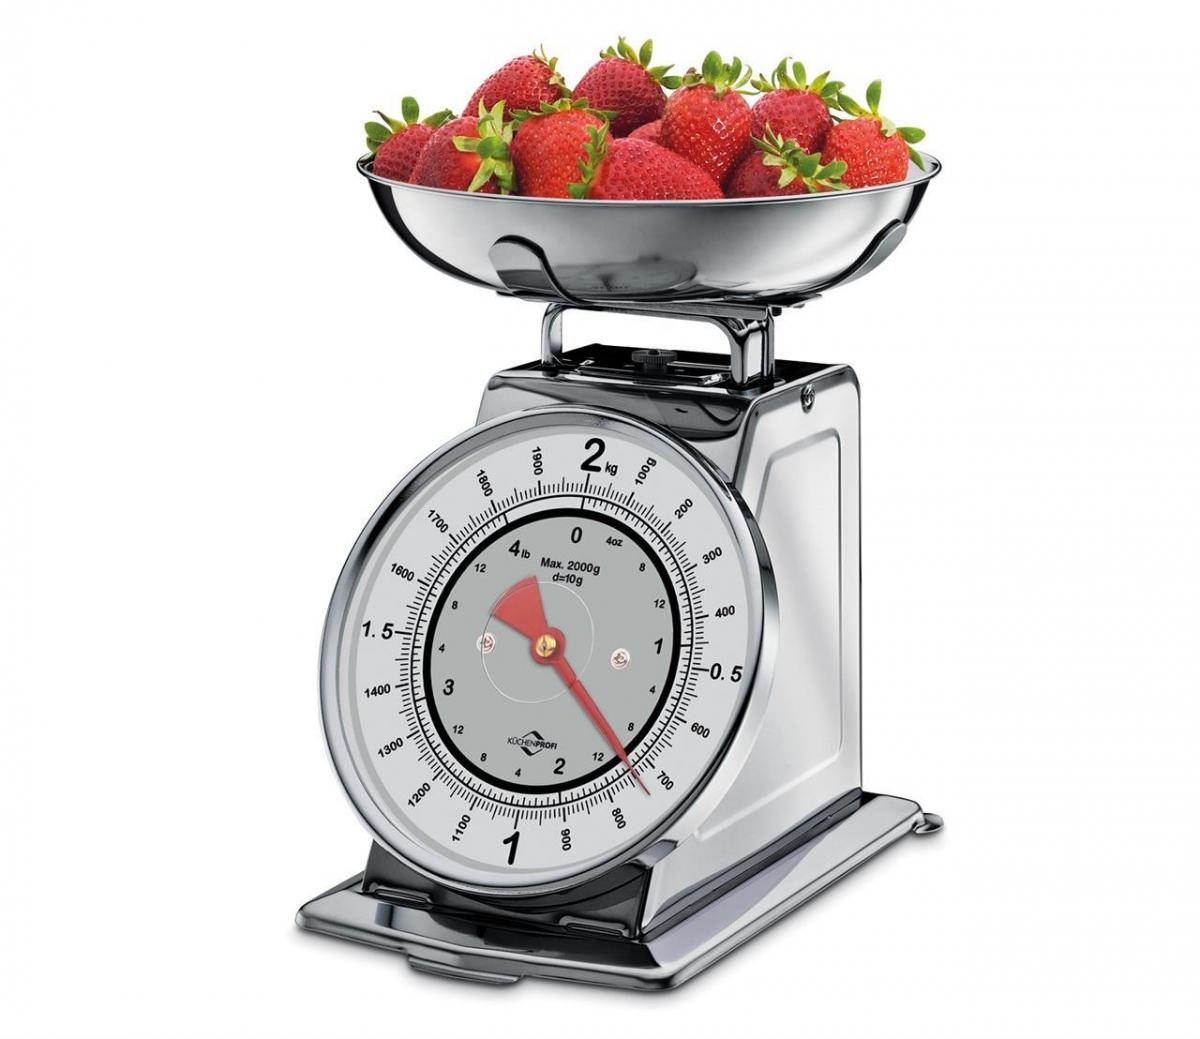 Küchenprofi kuchyňská Retro váha NOSTALGIE, nerezová